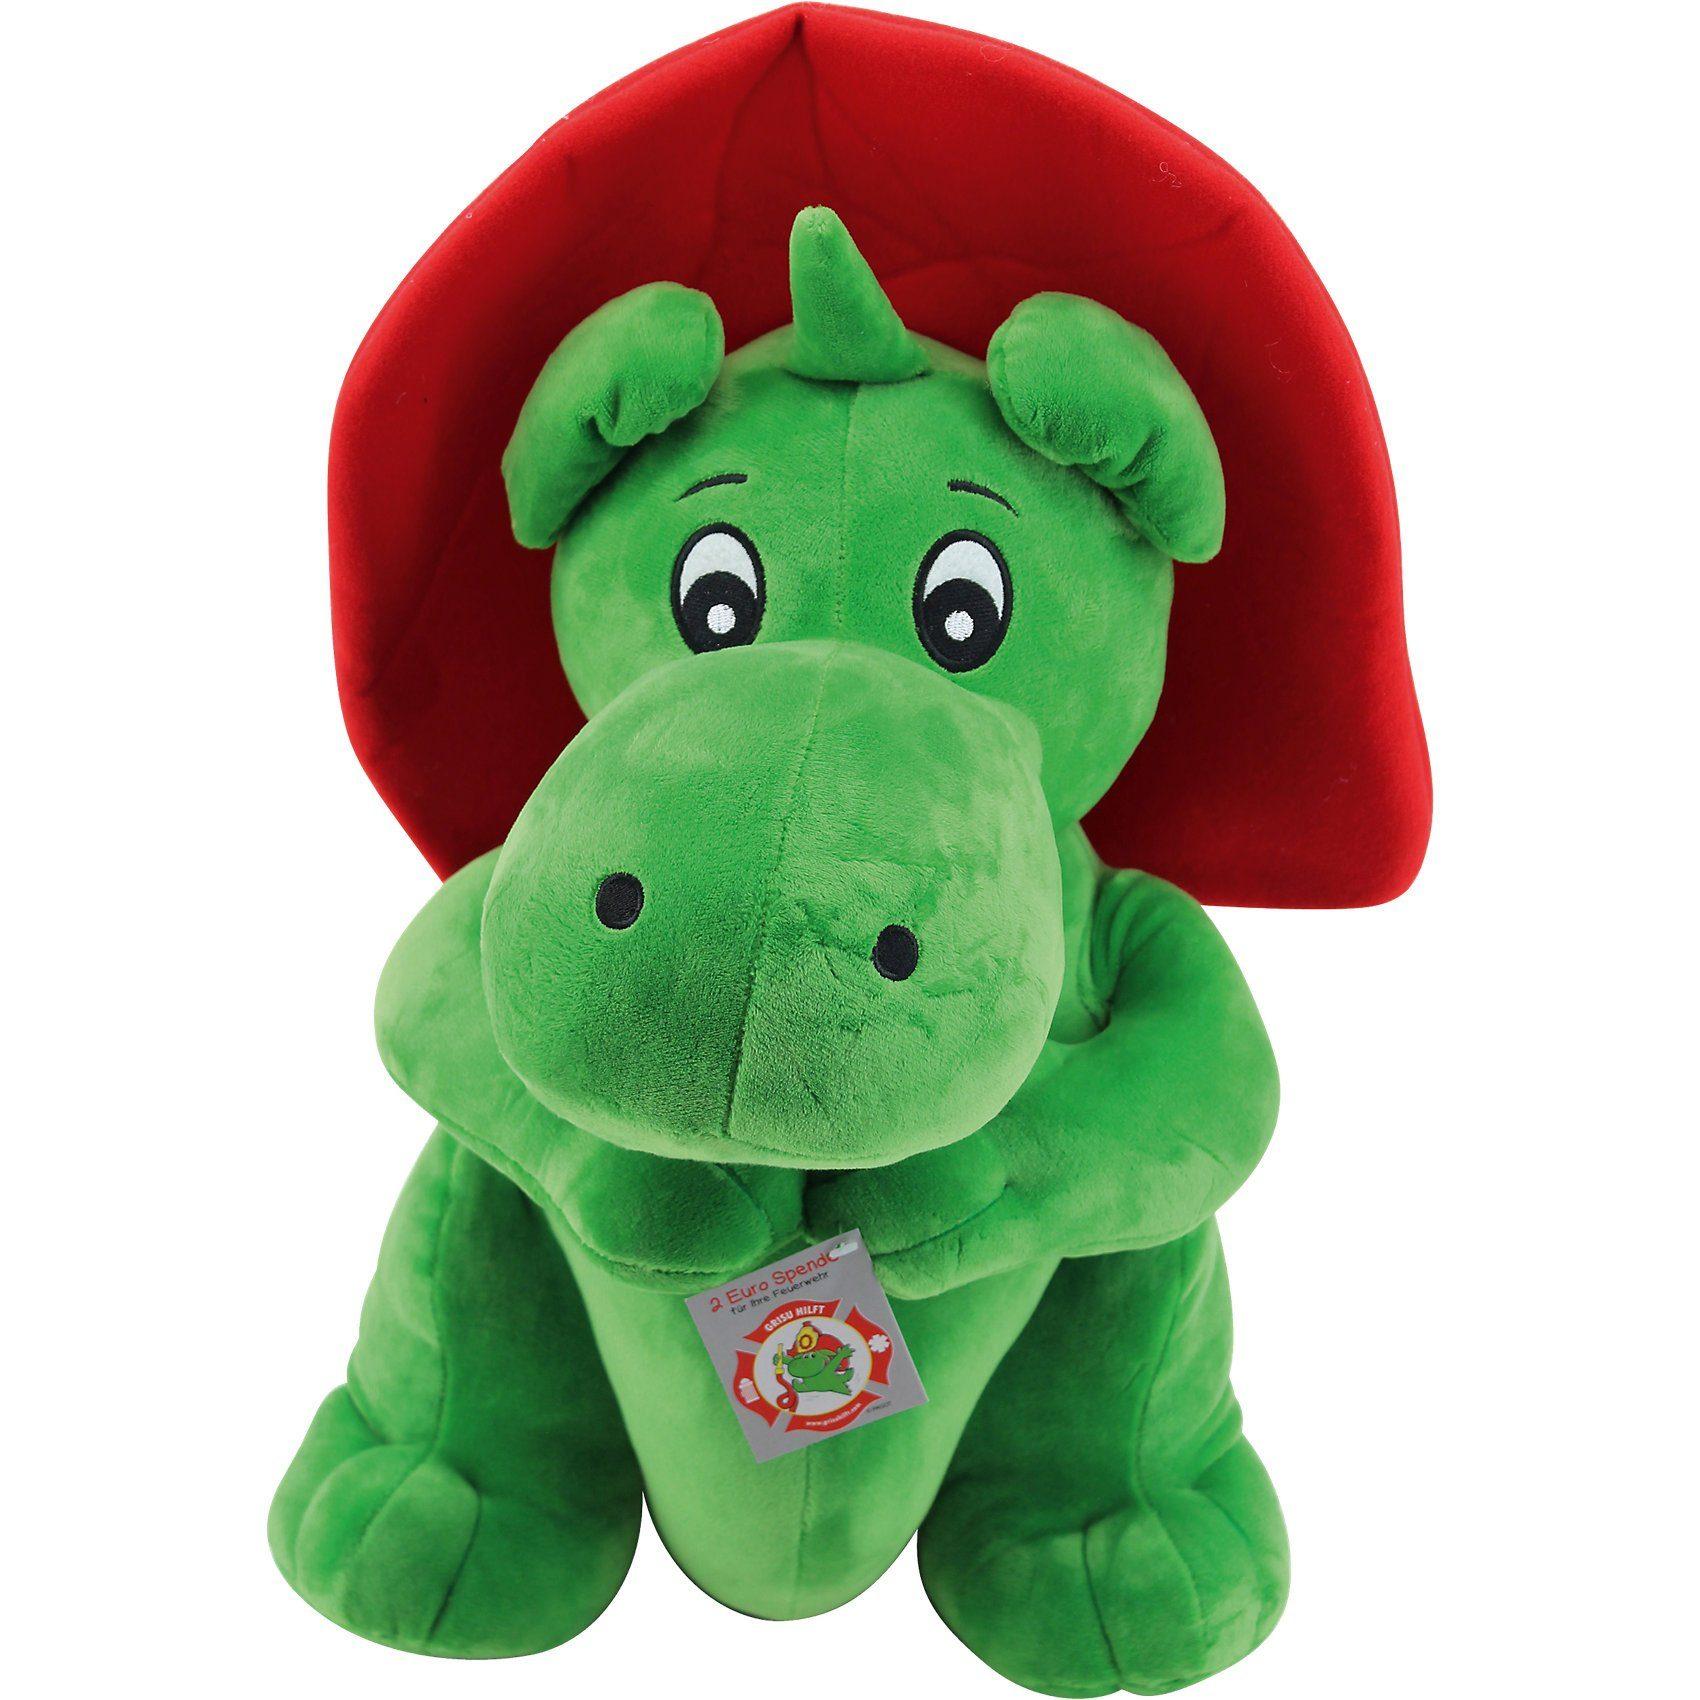 Sweety-Toys Sweety Toys Drache GRISU Feuerwehr Maskottchen Plüsch ca. 50